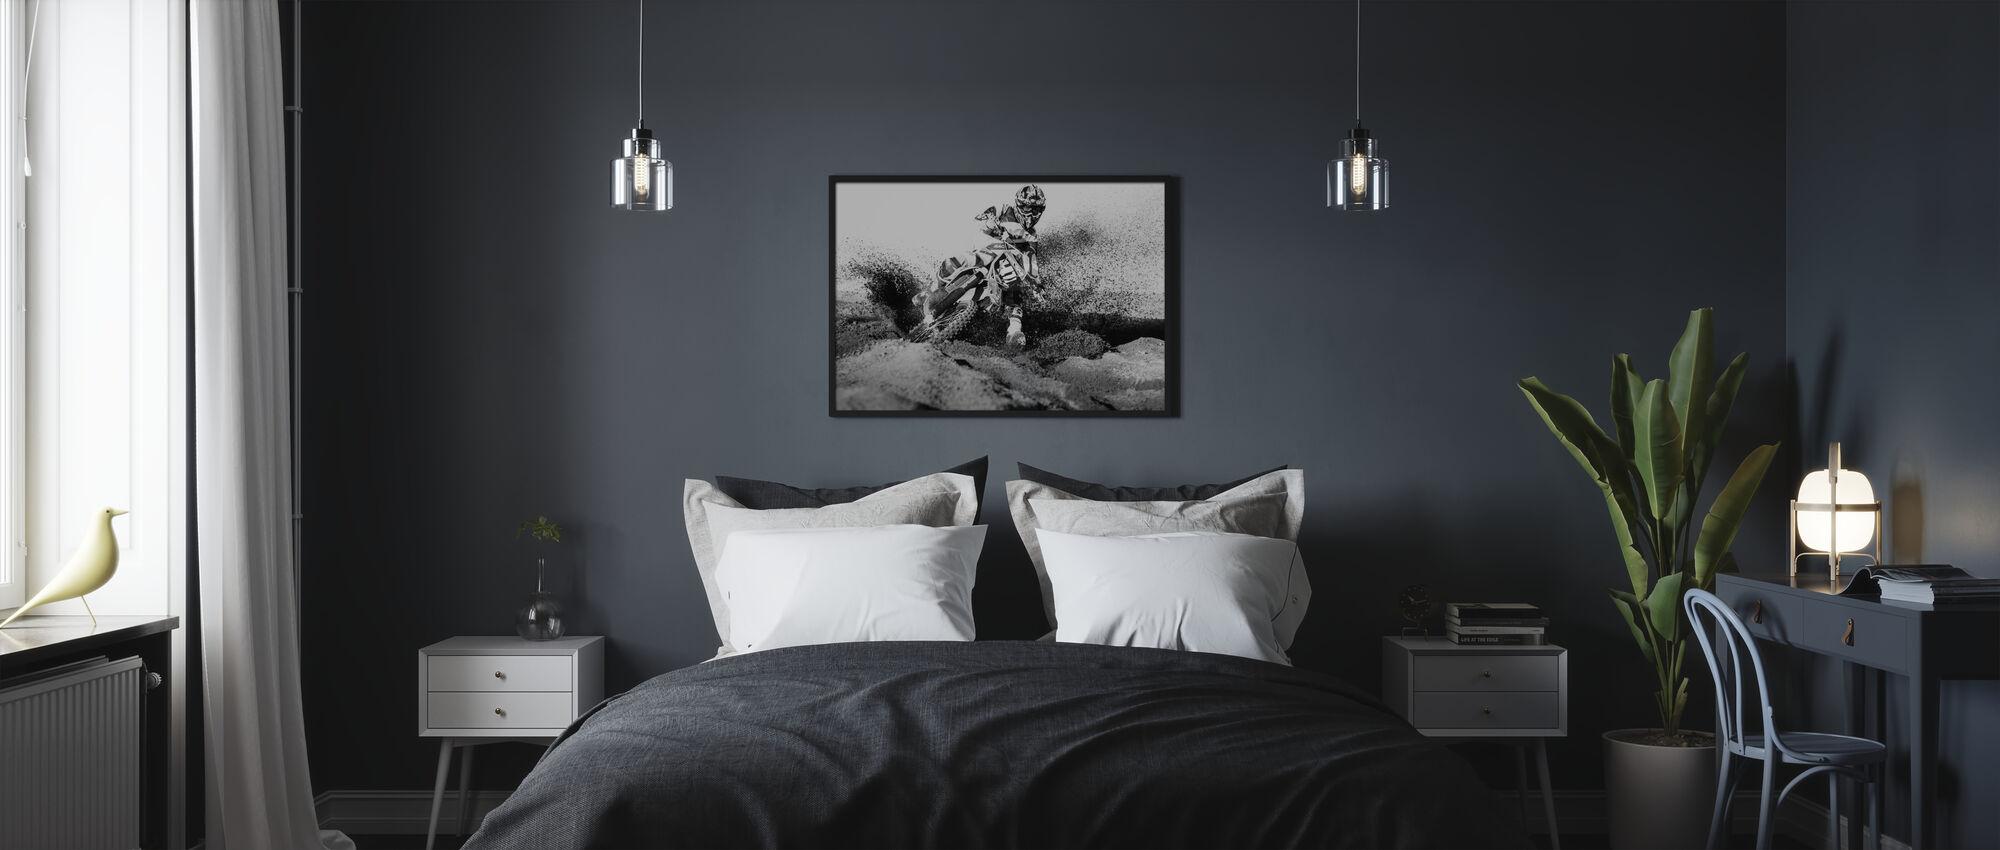 Krisztian Tompa - Poster - Bedroom